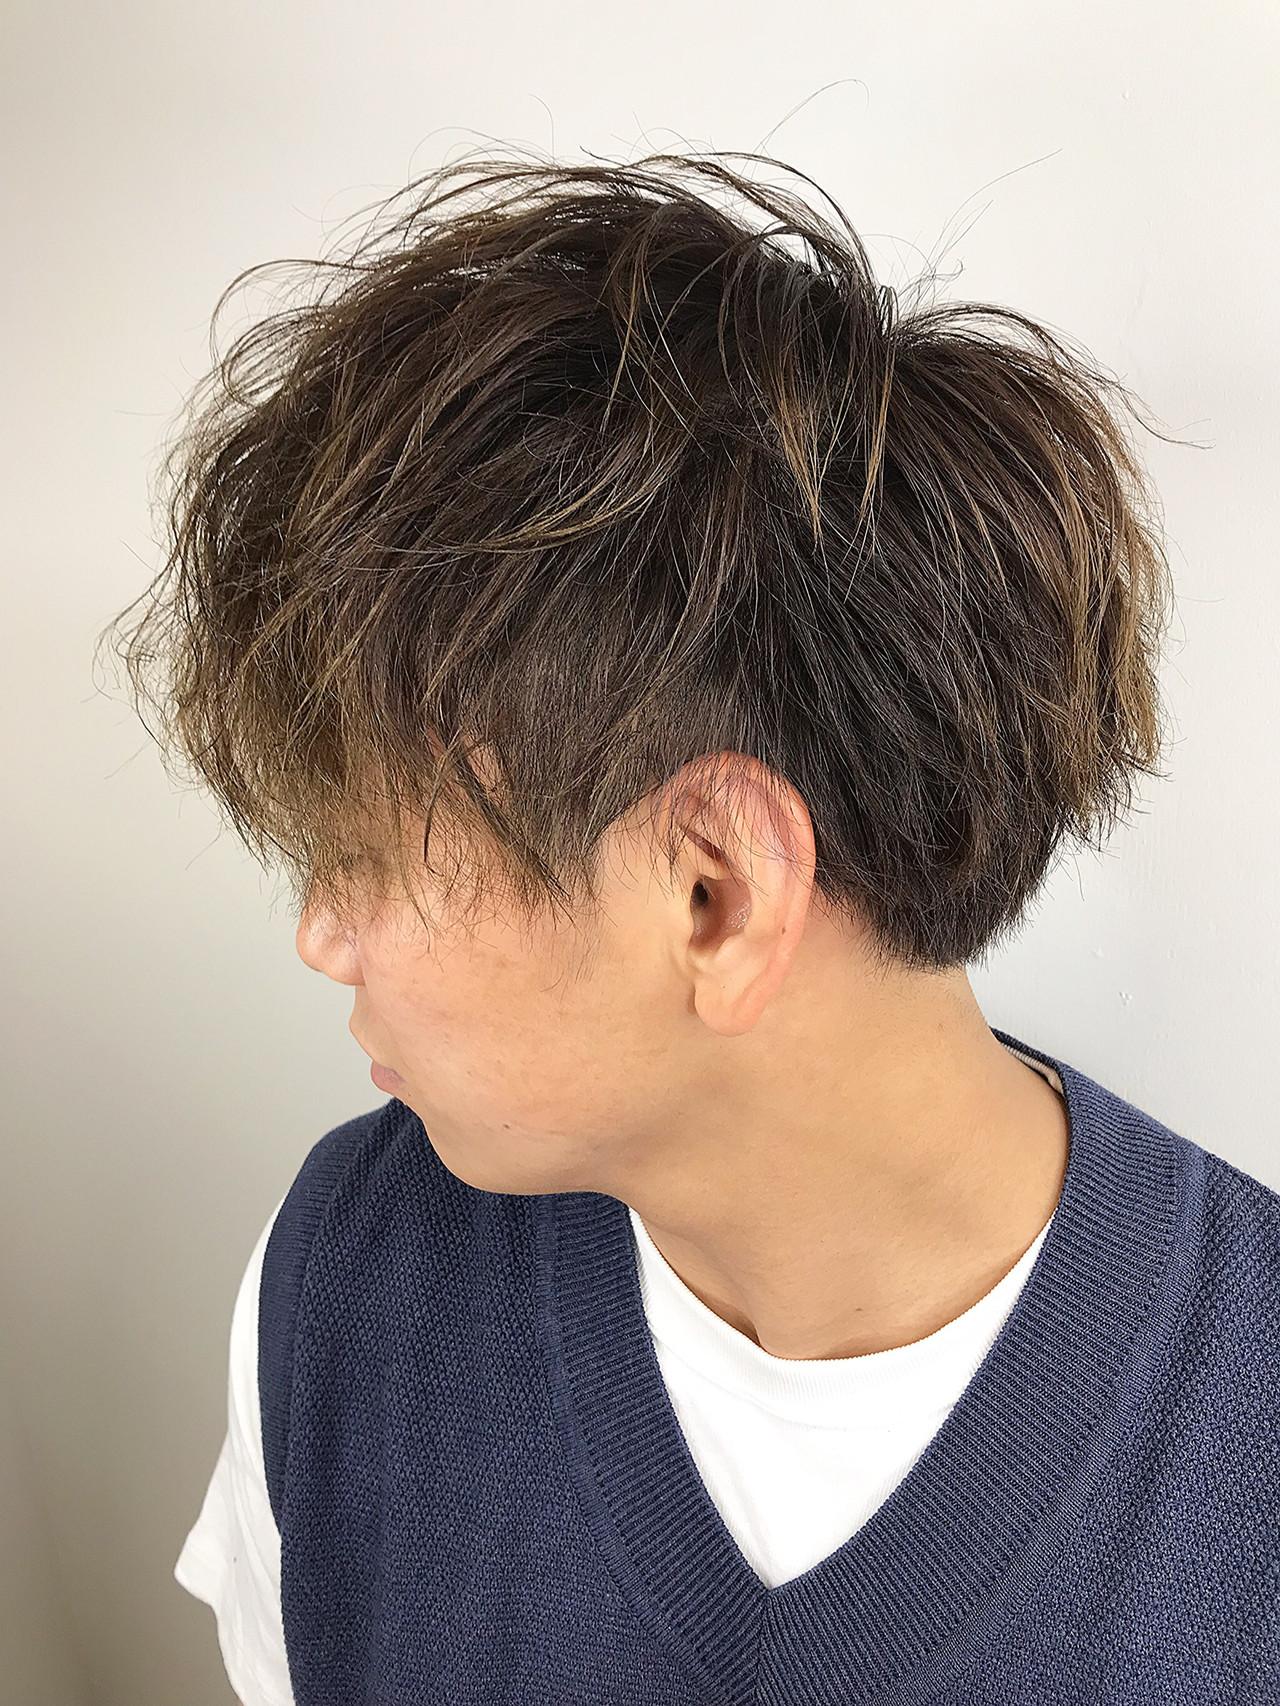 メンズパーマ ショート メンズマッシュ ストリート ヘアスタイルや髪型の写真・画像 | 坂本高秀 / CHIANTI梅田